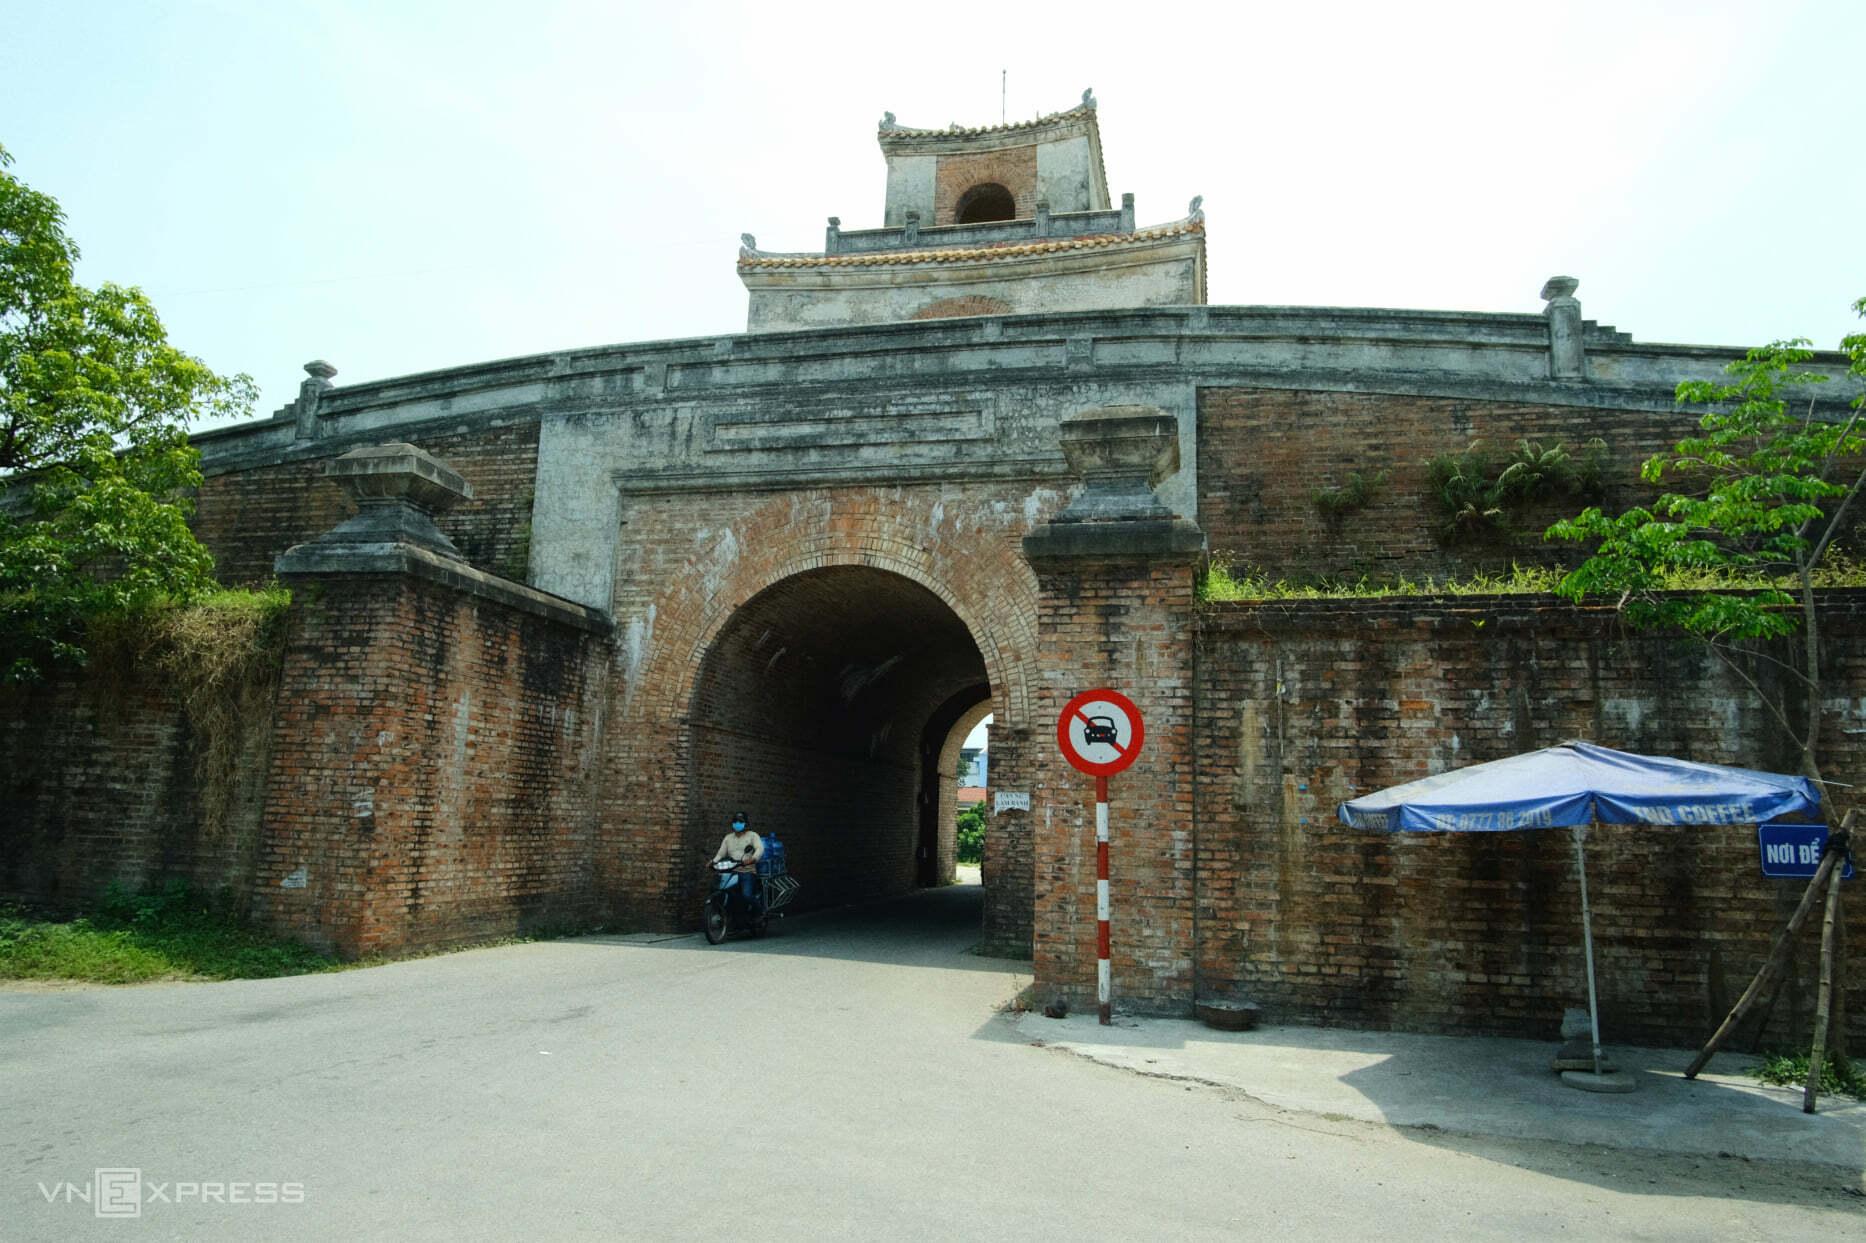 Cửa Chánh Tây không có tên gọi phụ dân gian, nằm ở phía Tây Kinh thành, trên đường Thái Phiên ngày nay. Nơi này từng là nơi giao tranh ác liệt trong chiến sự Mùa Xuân 1968. Phần vọng lâu phía trên thành đã hoàn toàn bị phá hủy, nay đã được tu sửa phục dựng lại.